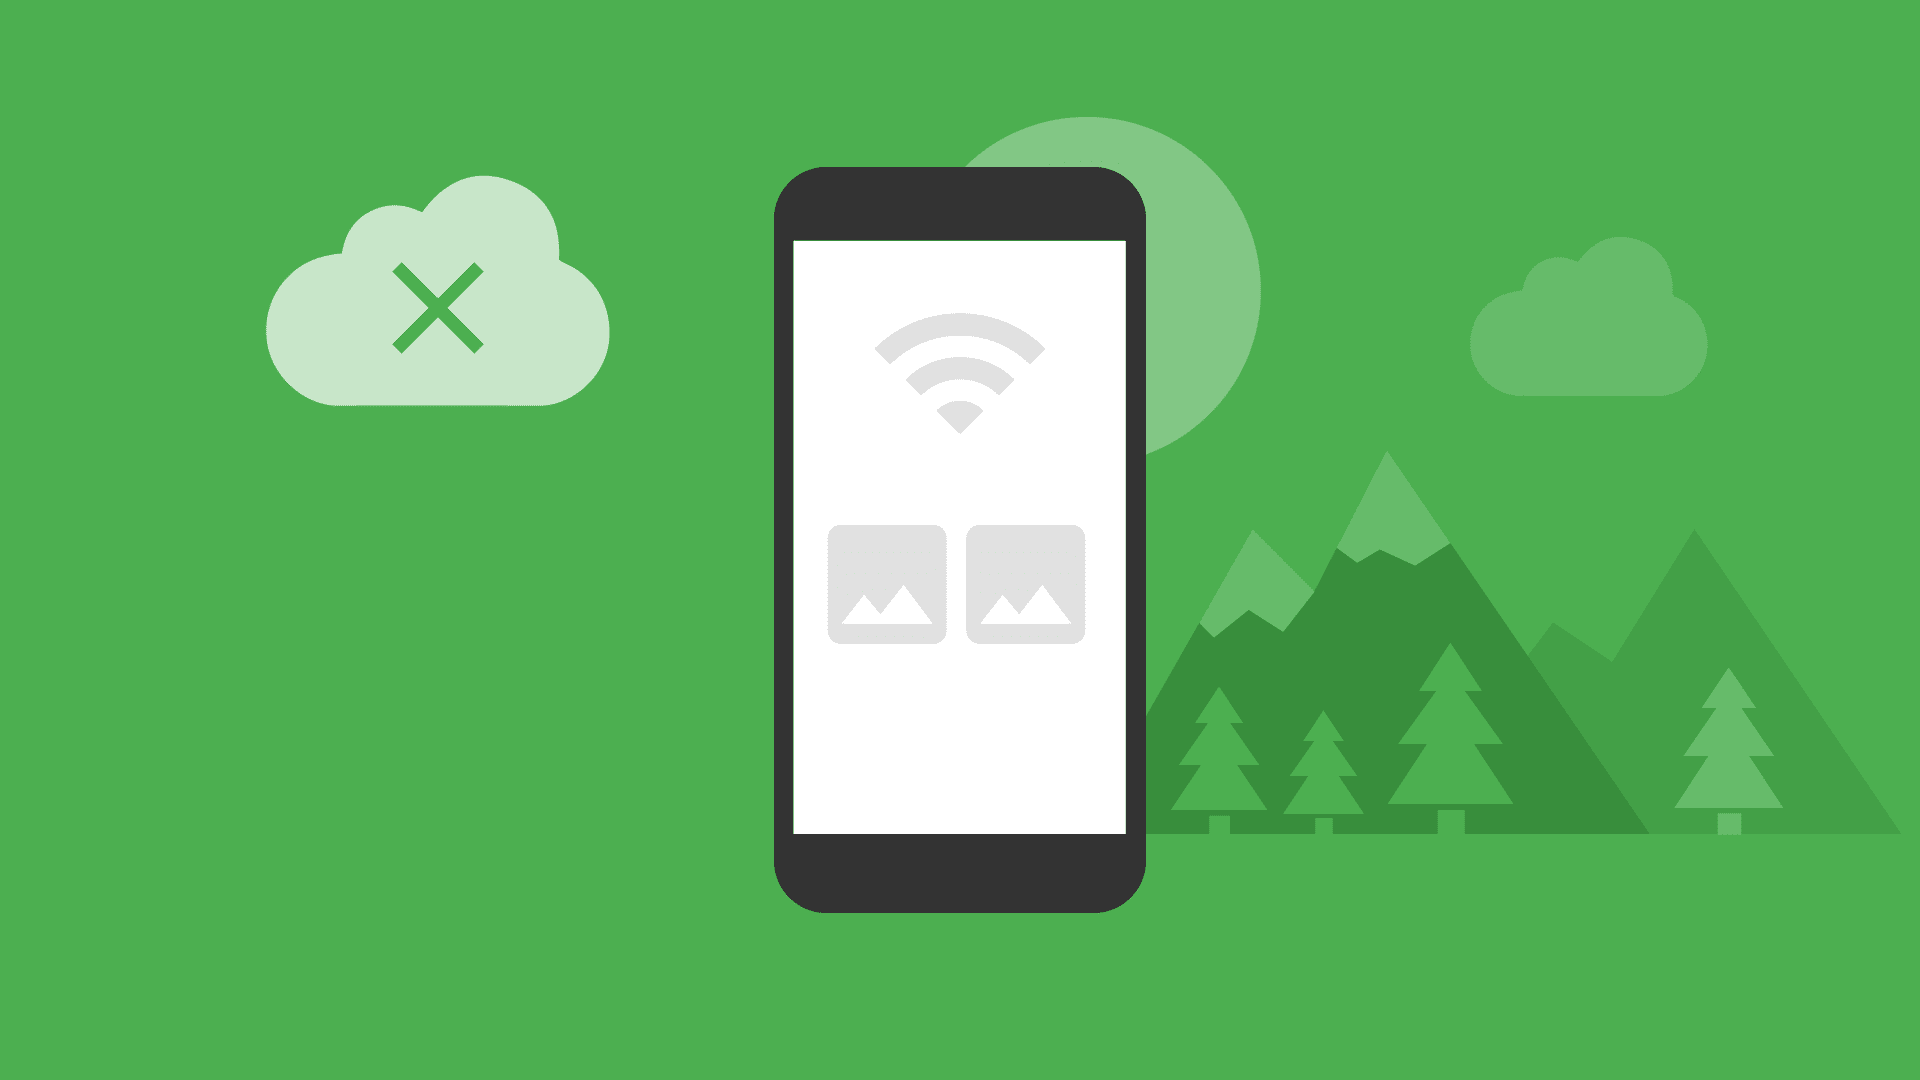 Ekran telefonu pokazujący stan offline